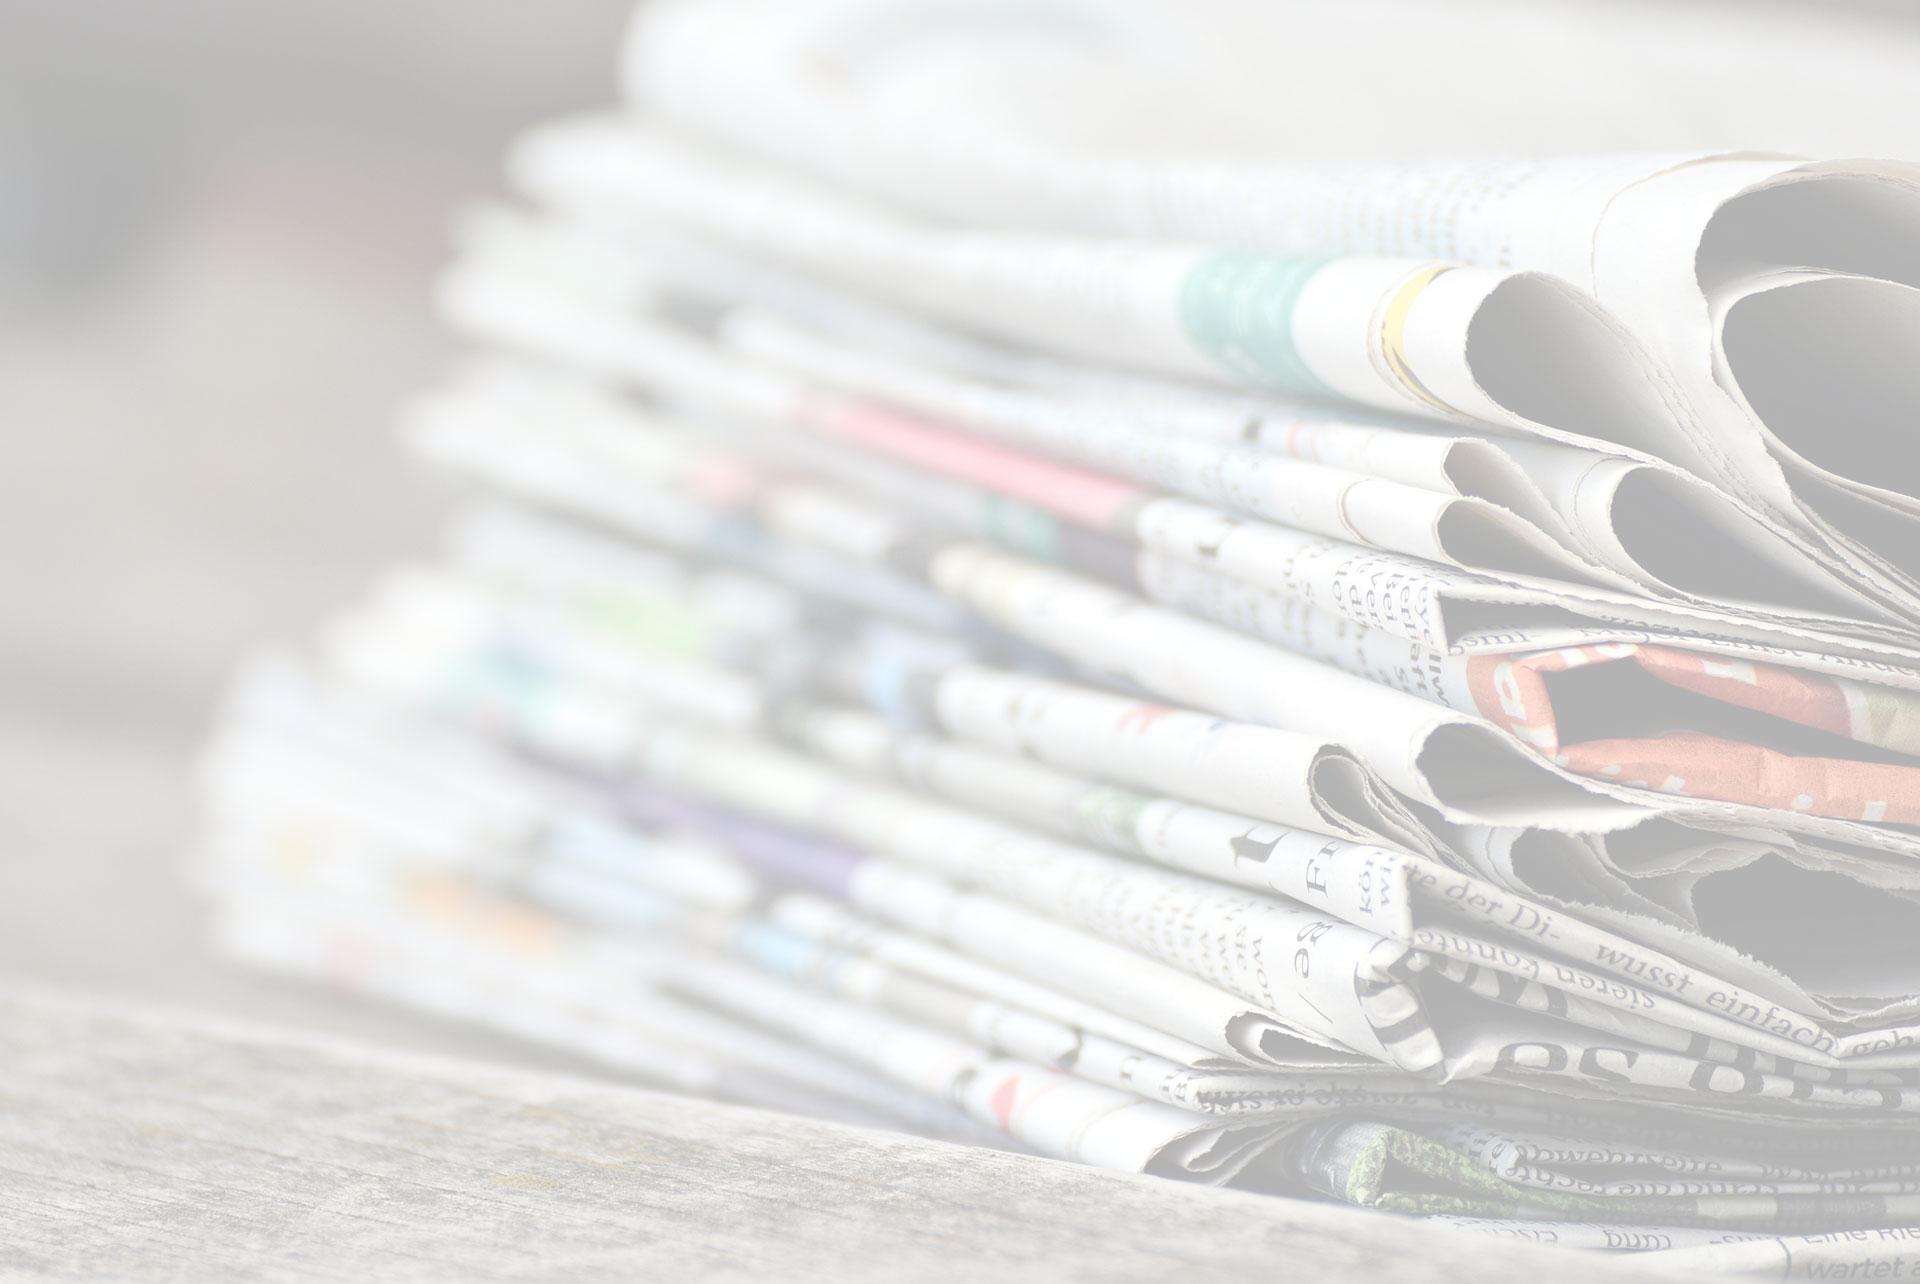 Riccardo Orsolini Lorenzo Pellegrini Leonardo Maldini Milan Everton Deulofeu mercato Milan